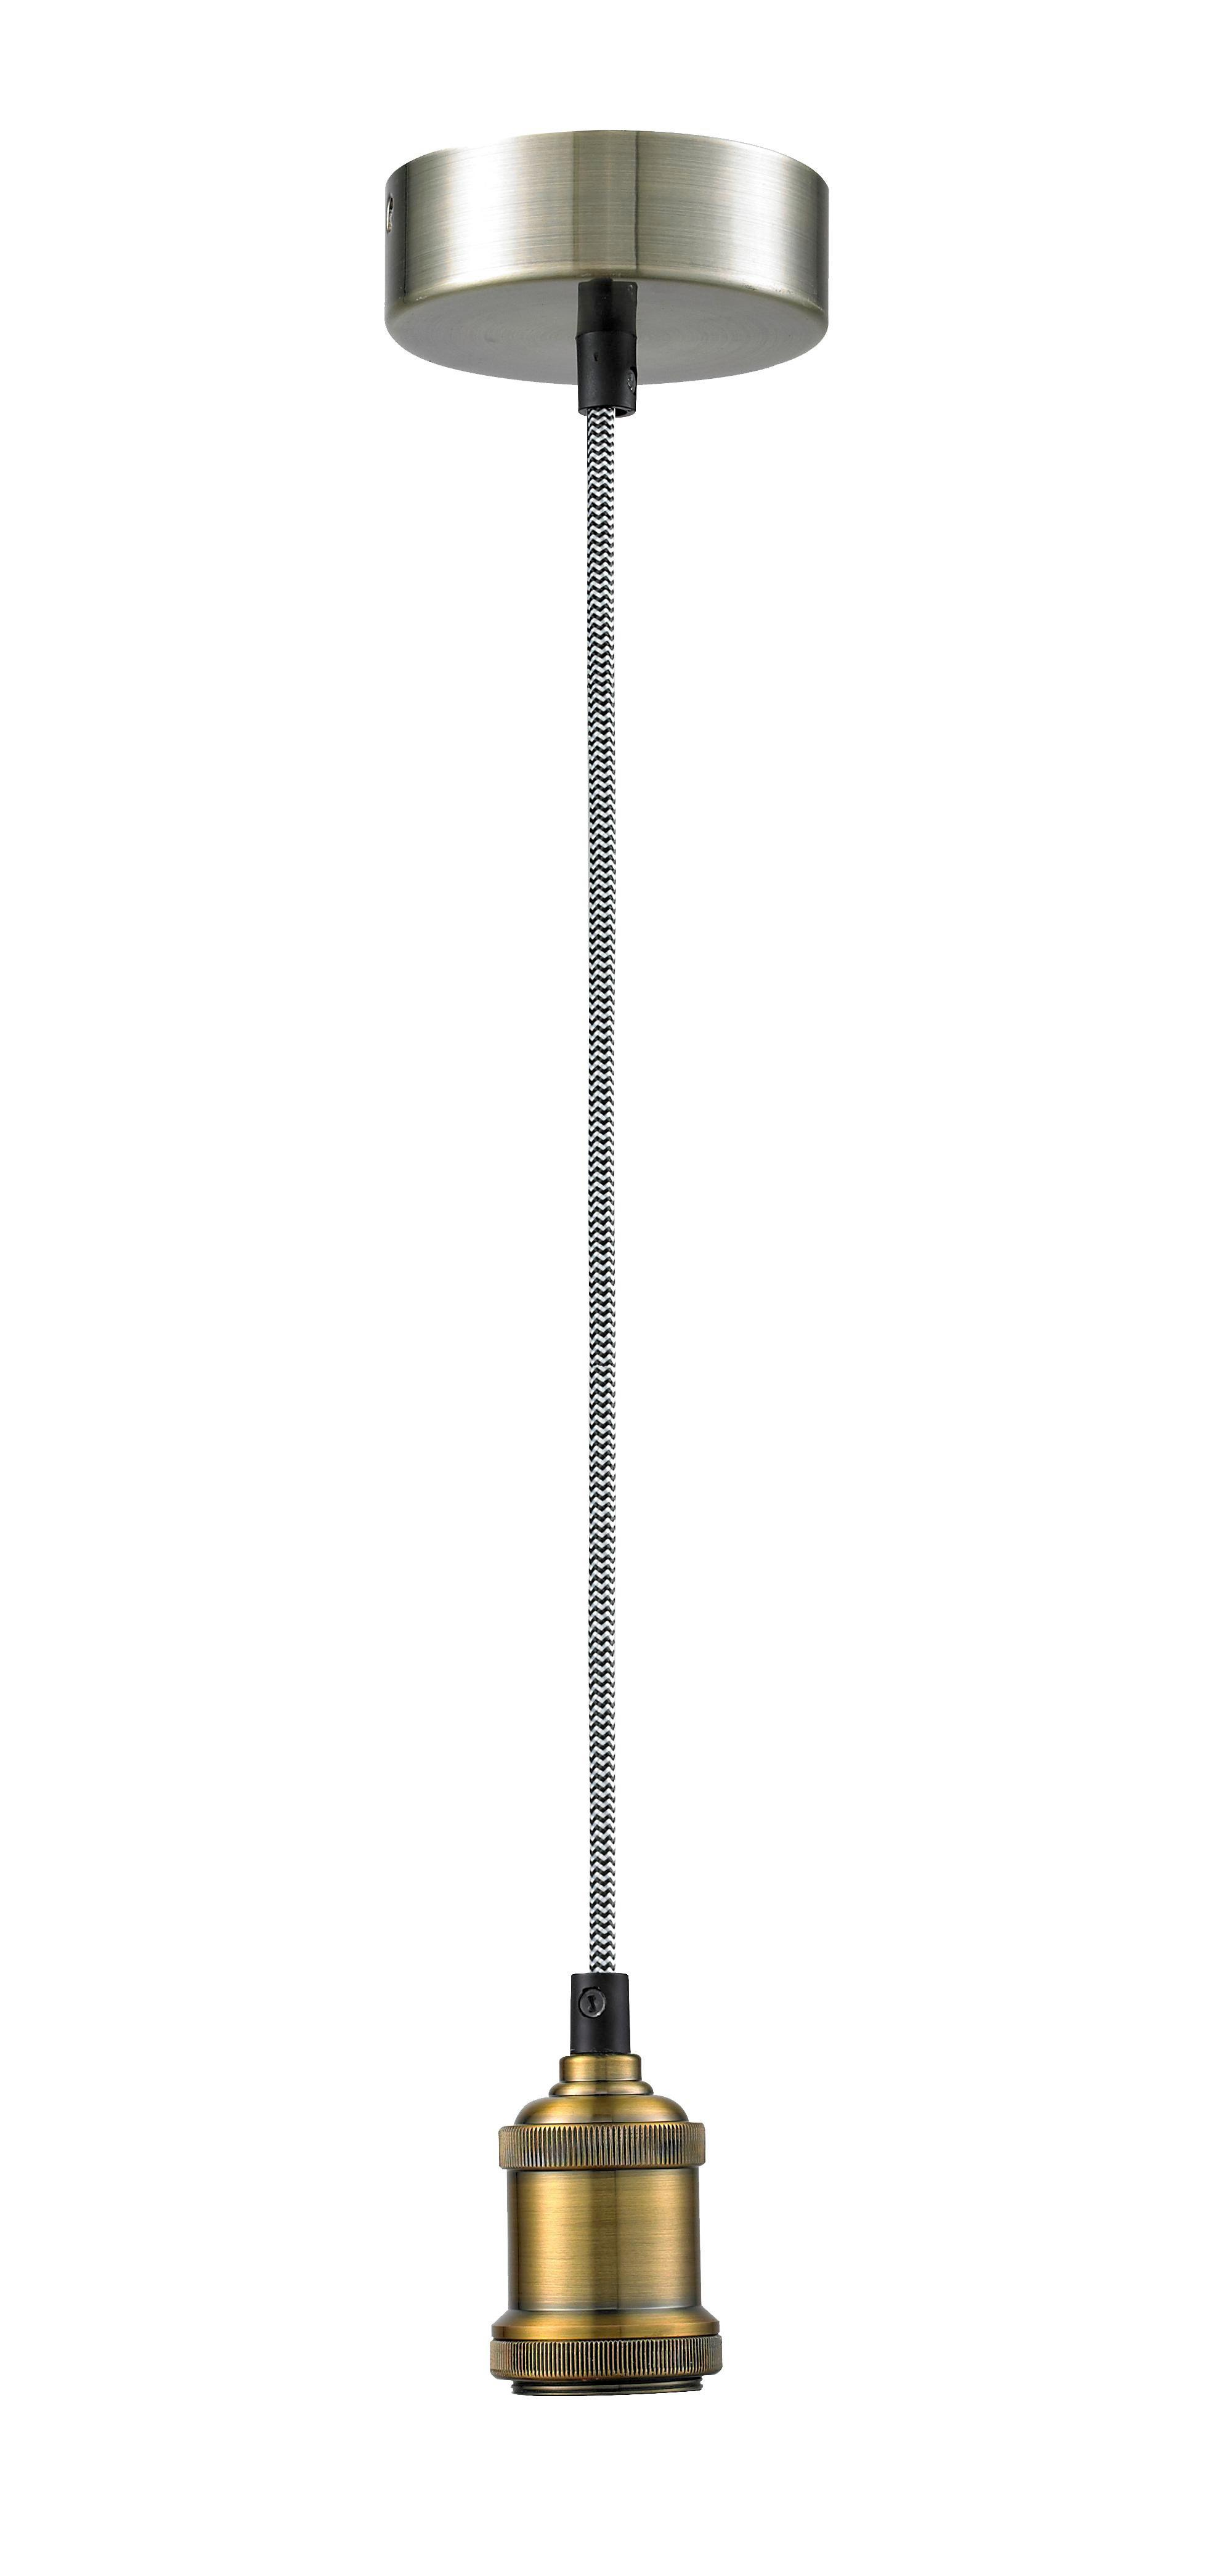 Schnurpendel Blacky, max. 60 Watt - Schwarz/Weiß, Textil/Metall (100/10/10cm) - MÖMAX modern living